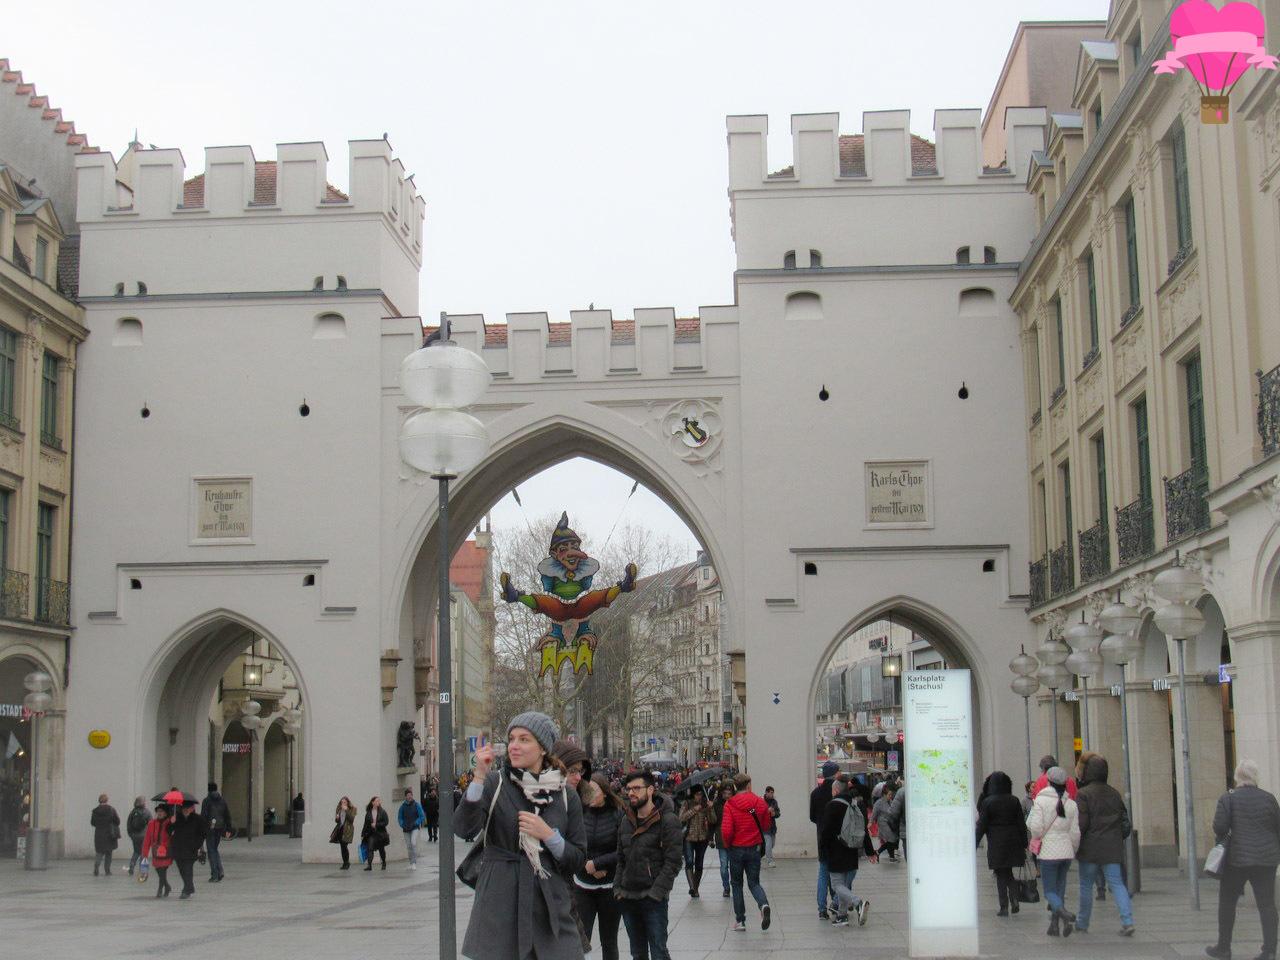 karlsplatz-munique-alemanha